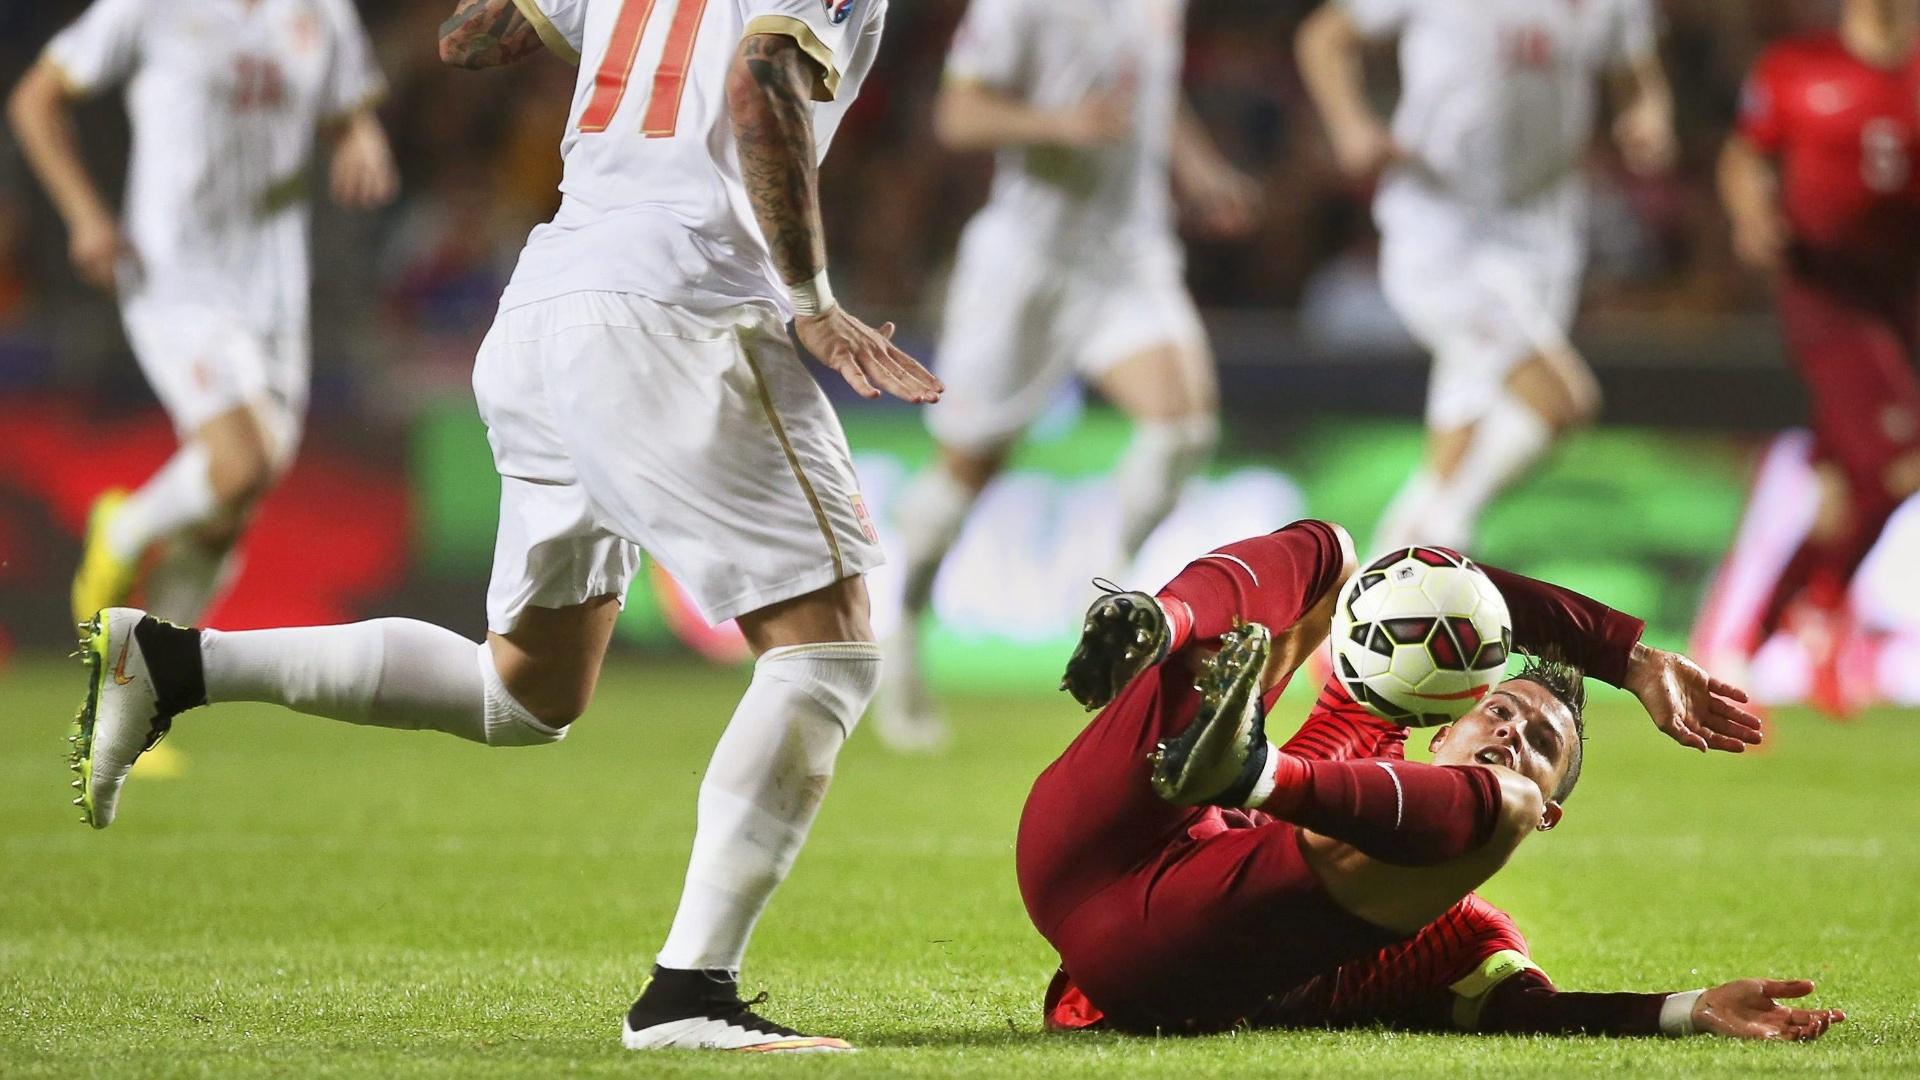 Muito caçado em campo, Cristiano Ronaldo teve atuação discreta e foi constantemente ao chão relcmando de faltas